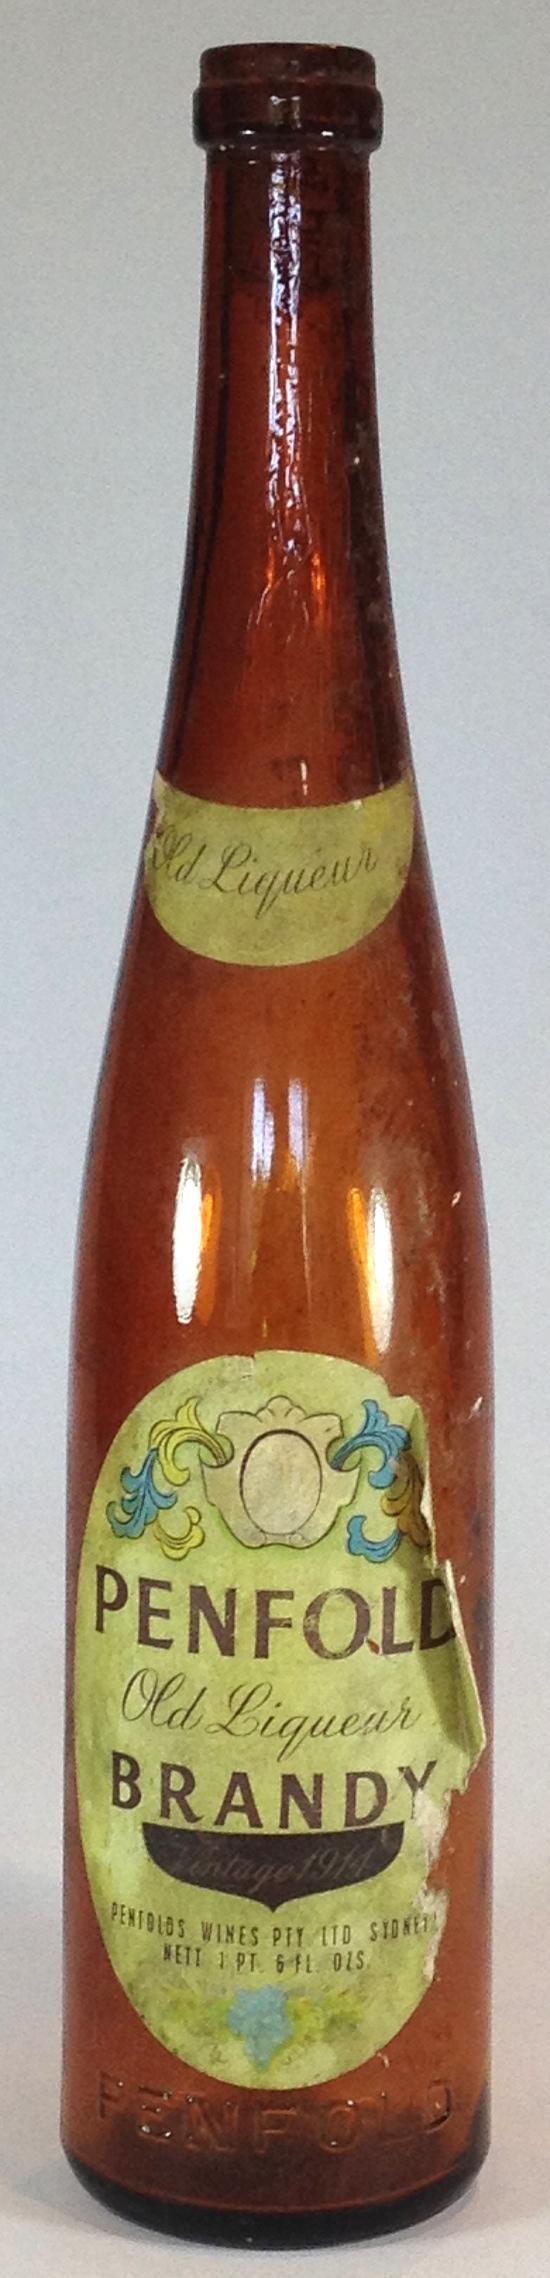 Australian bottle dating